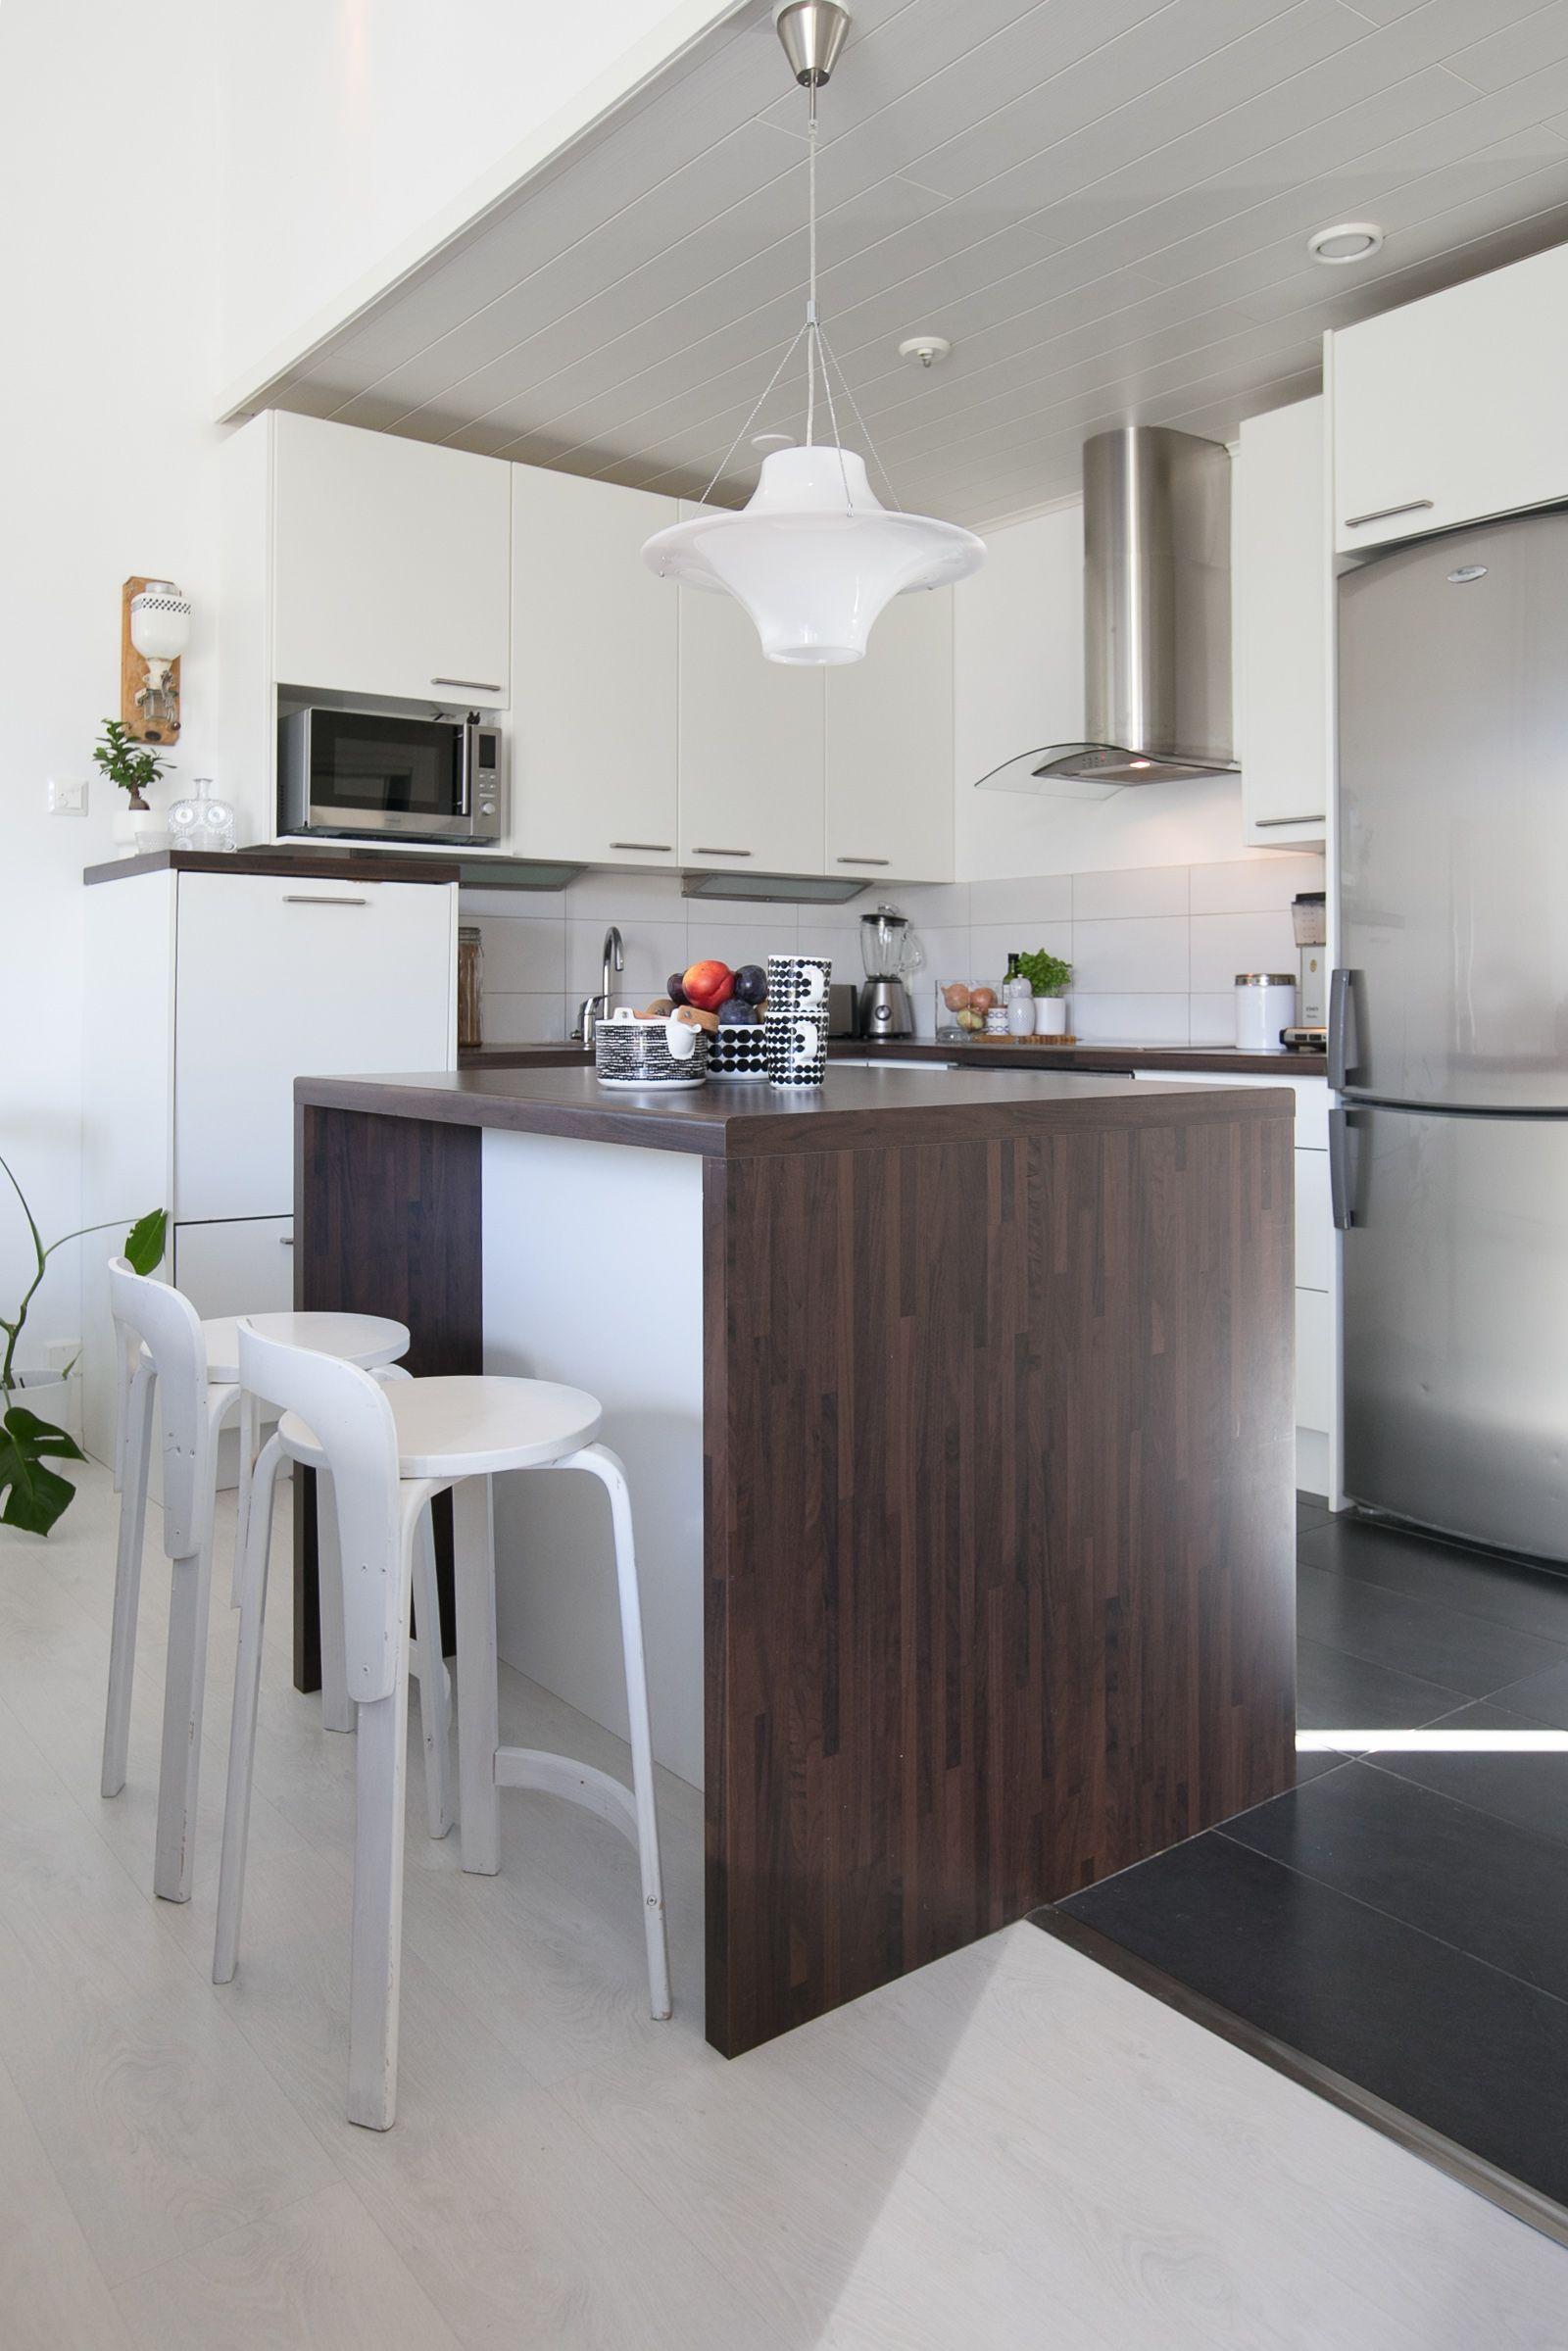 Moderni paritalo metsän kainalossa | unelmien keittiöt | Pinterest